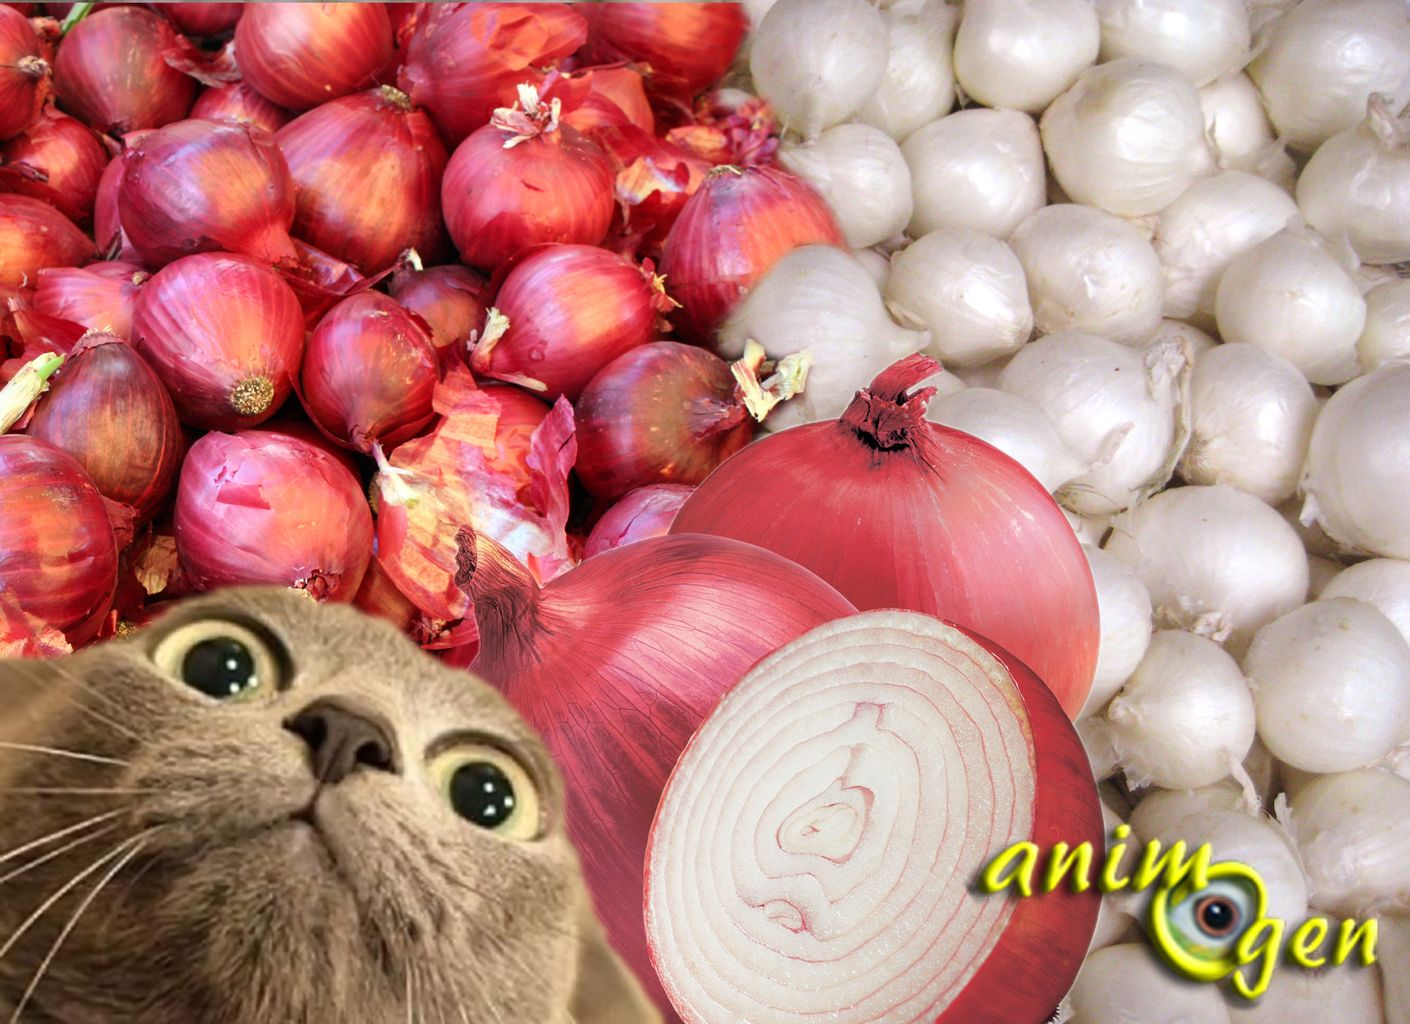 Alimentation et santé : l'ail et l'oignon, des aliments toxiques pour les chats